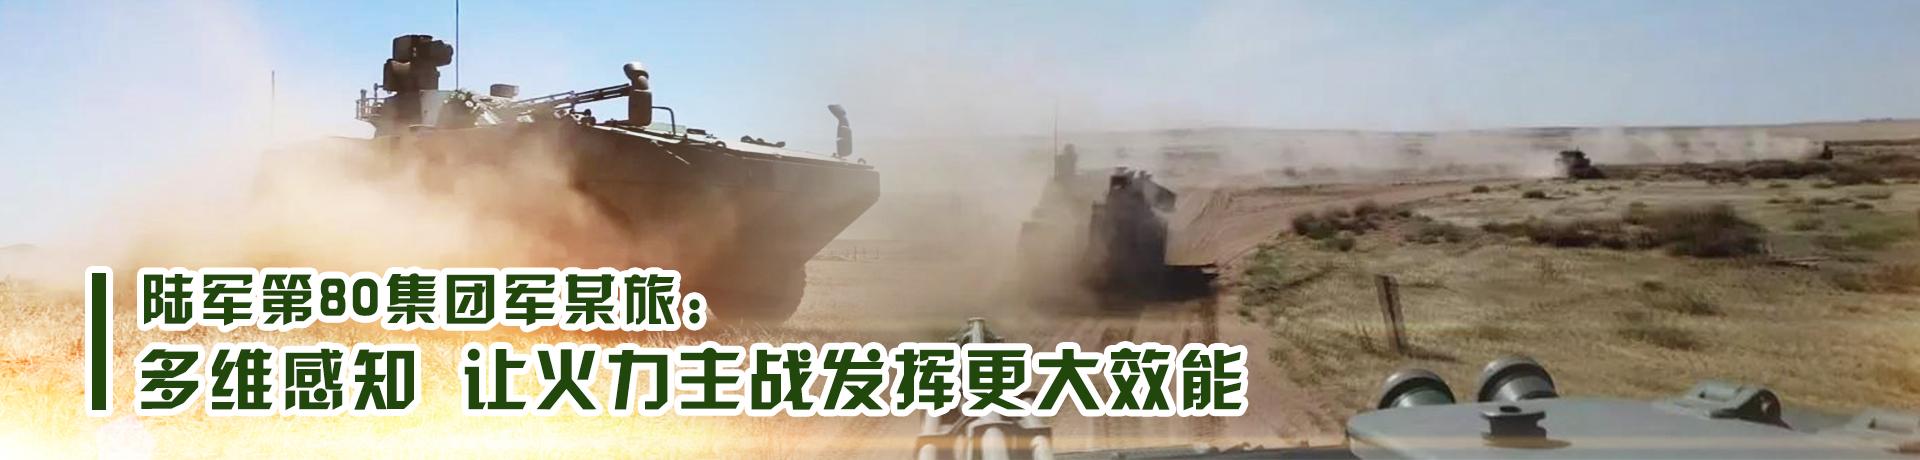 陆军第80集团军某旅:多维感知 让火力主战发挥更大效能